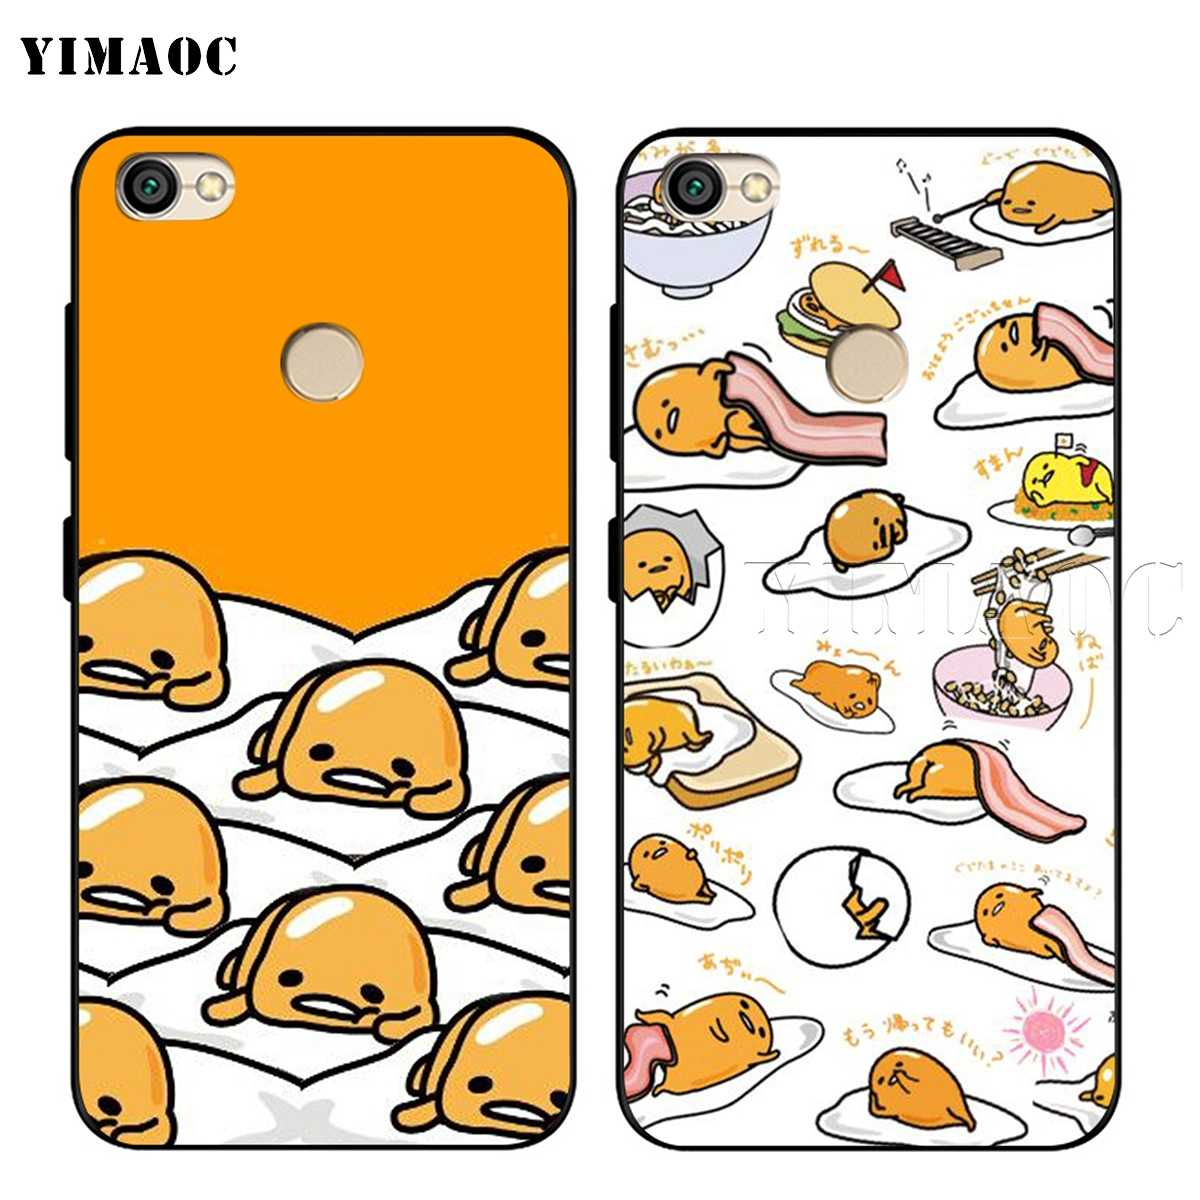 YIMAOC Gudetama leniwy jajko obudowa do xiaomi czerwony mi uwaga 4 4x 4a 5 5a 6 8 8A mi 9 10 8T Pro Plus